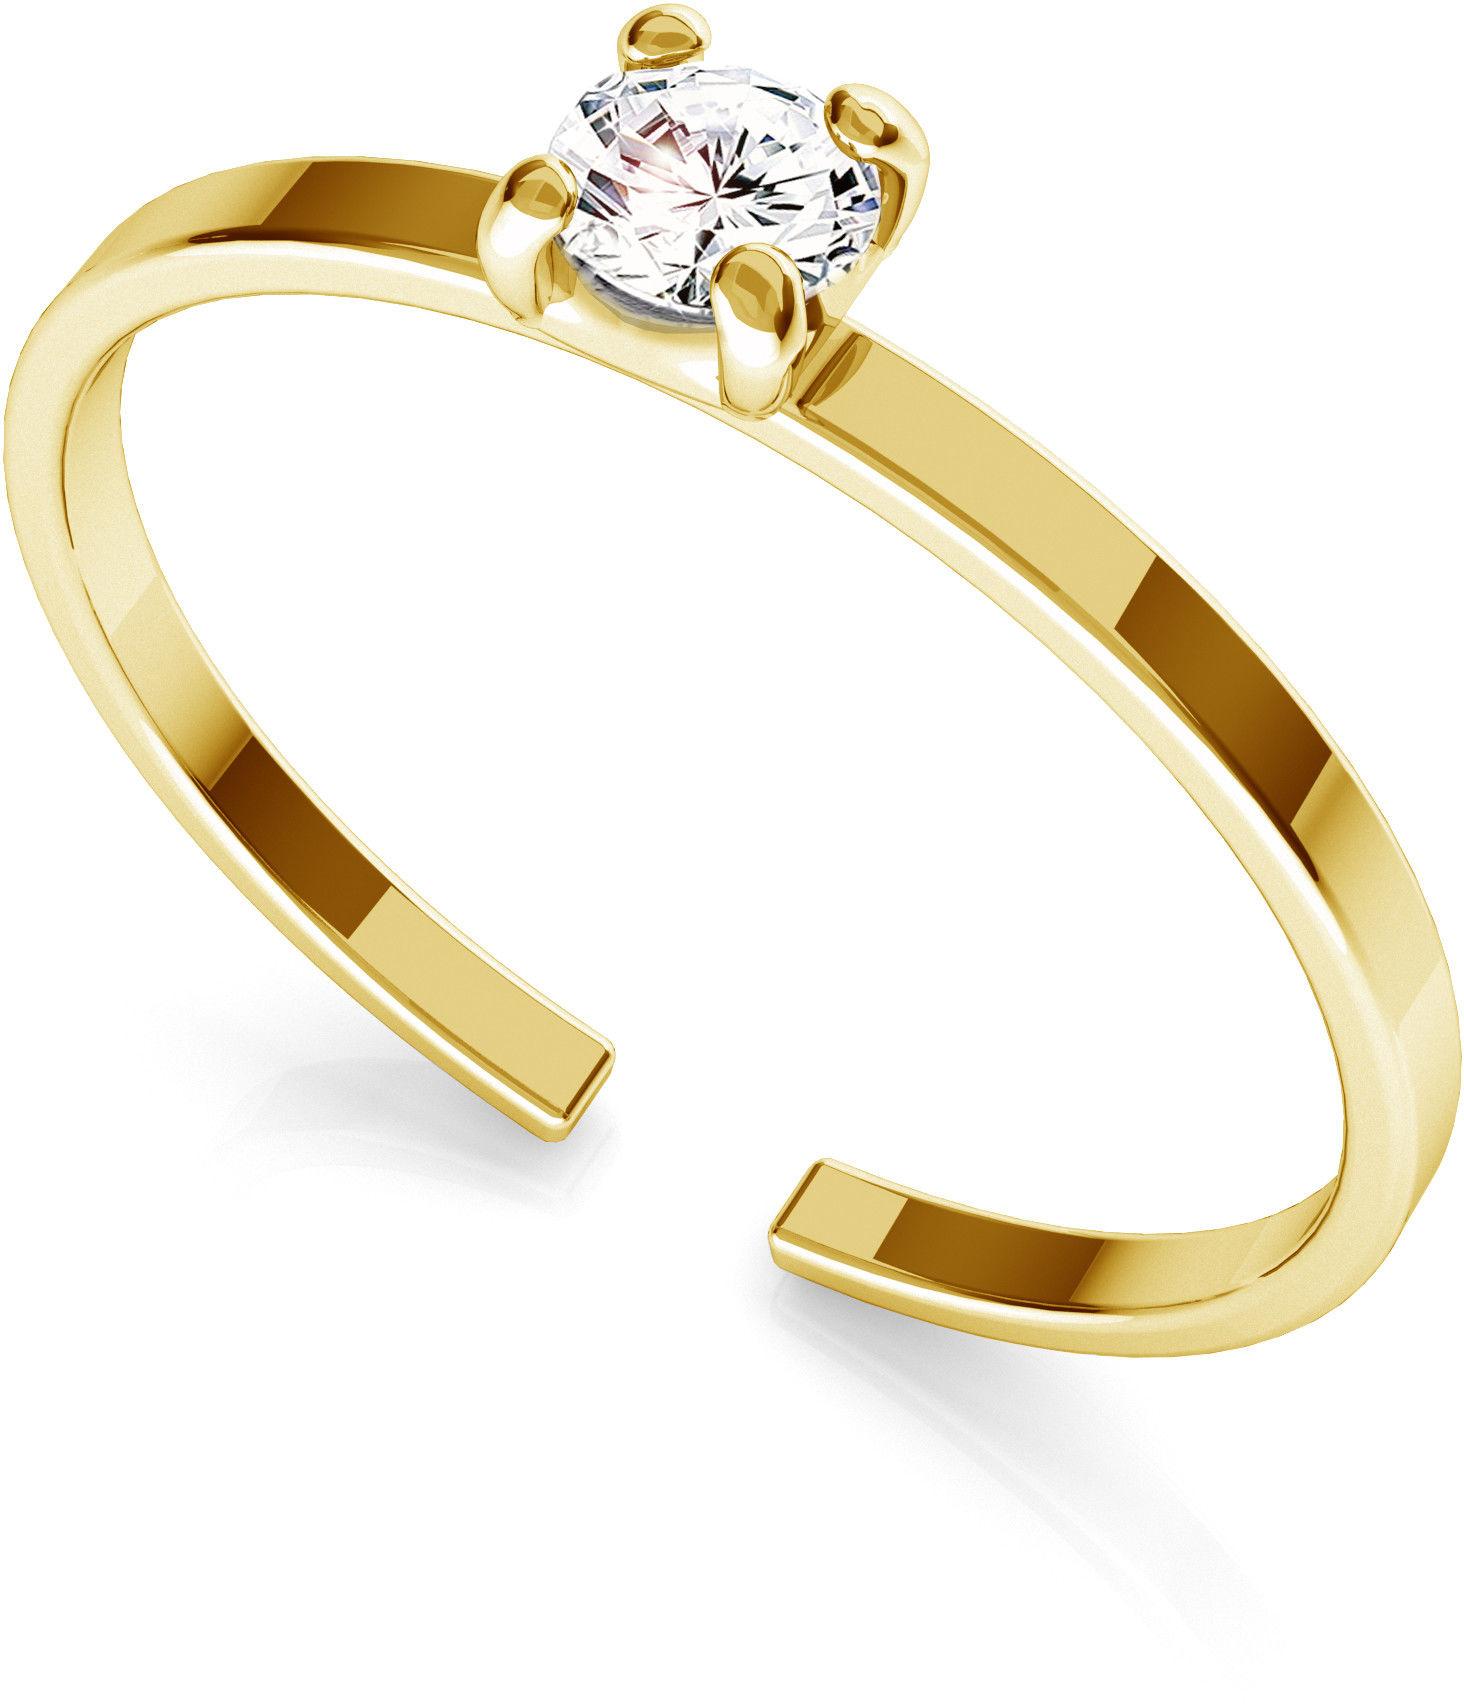 Srebrny pierścionek z cyrkonią 3mm My RING, srebro 925 : Srebro - kolor pokrycia - Pokrycie żółtym 18K złotem